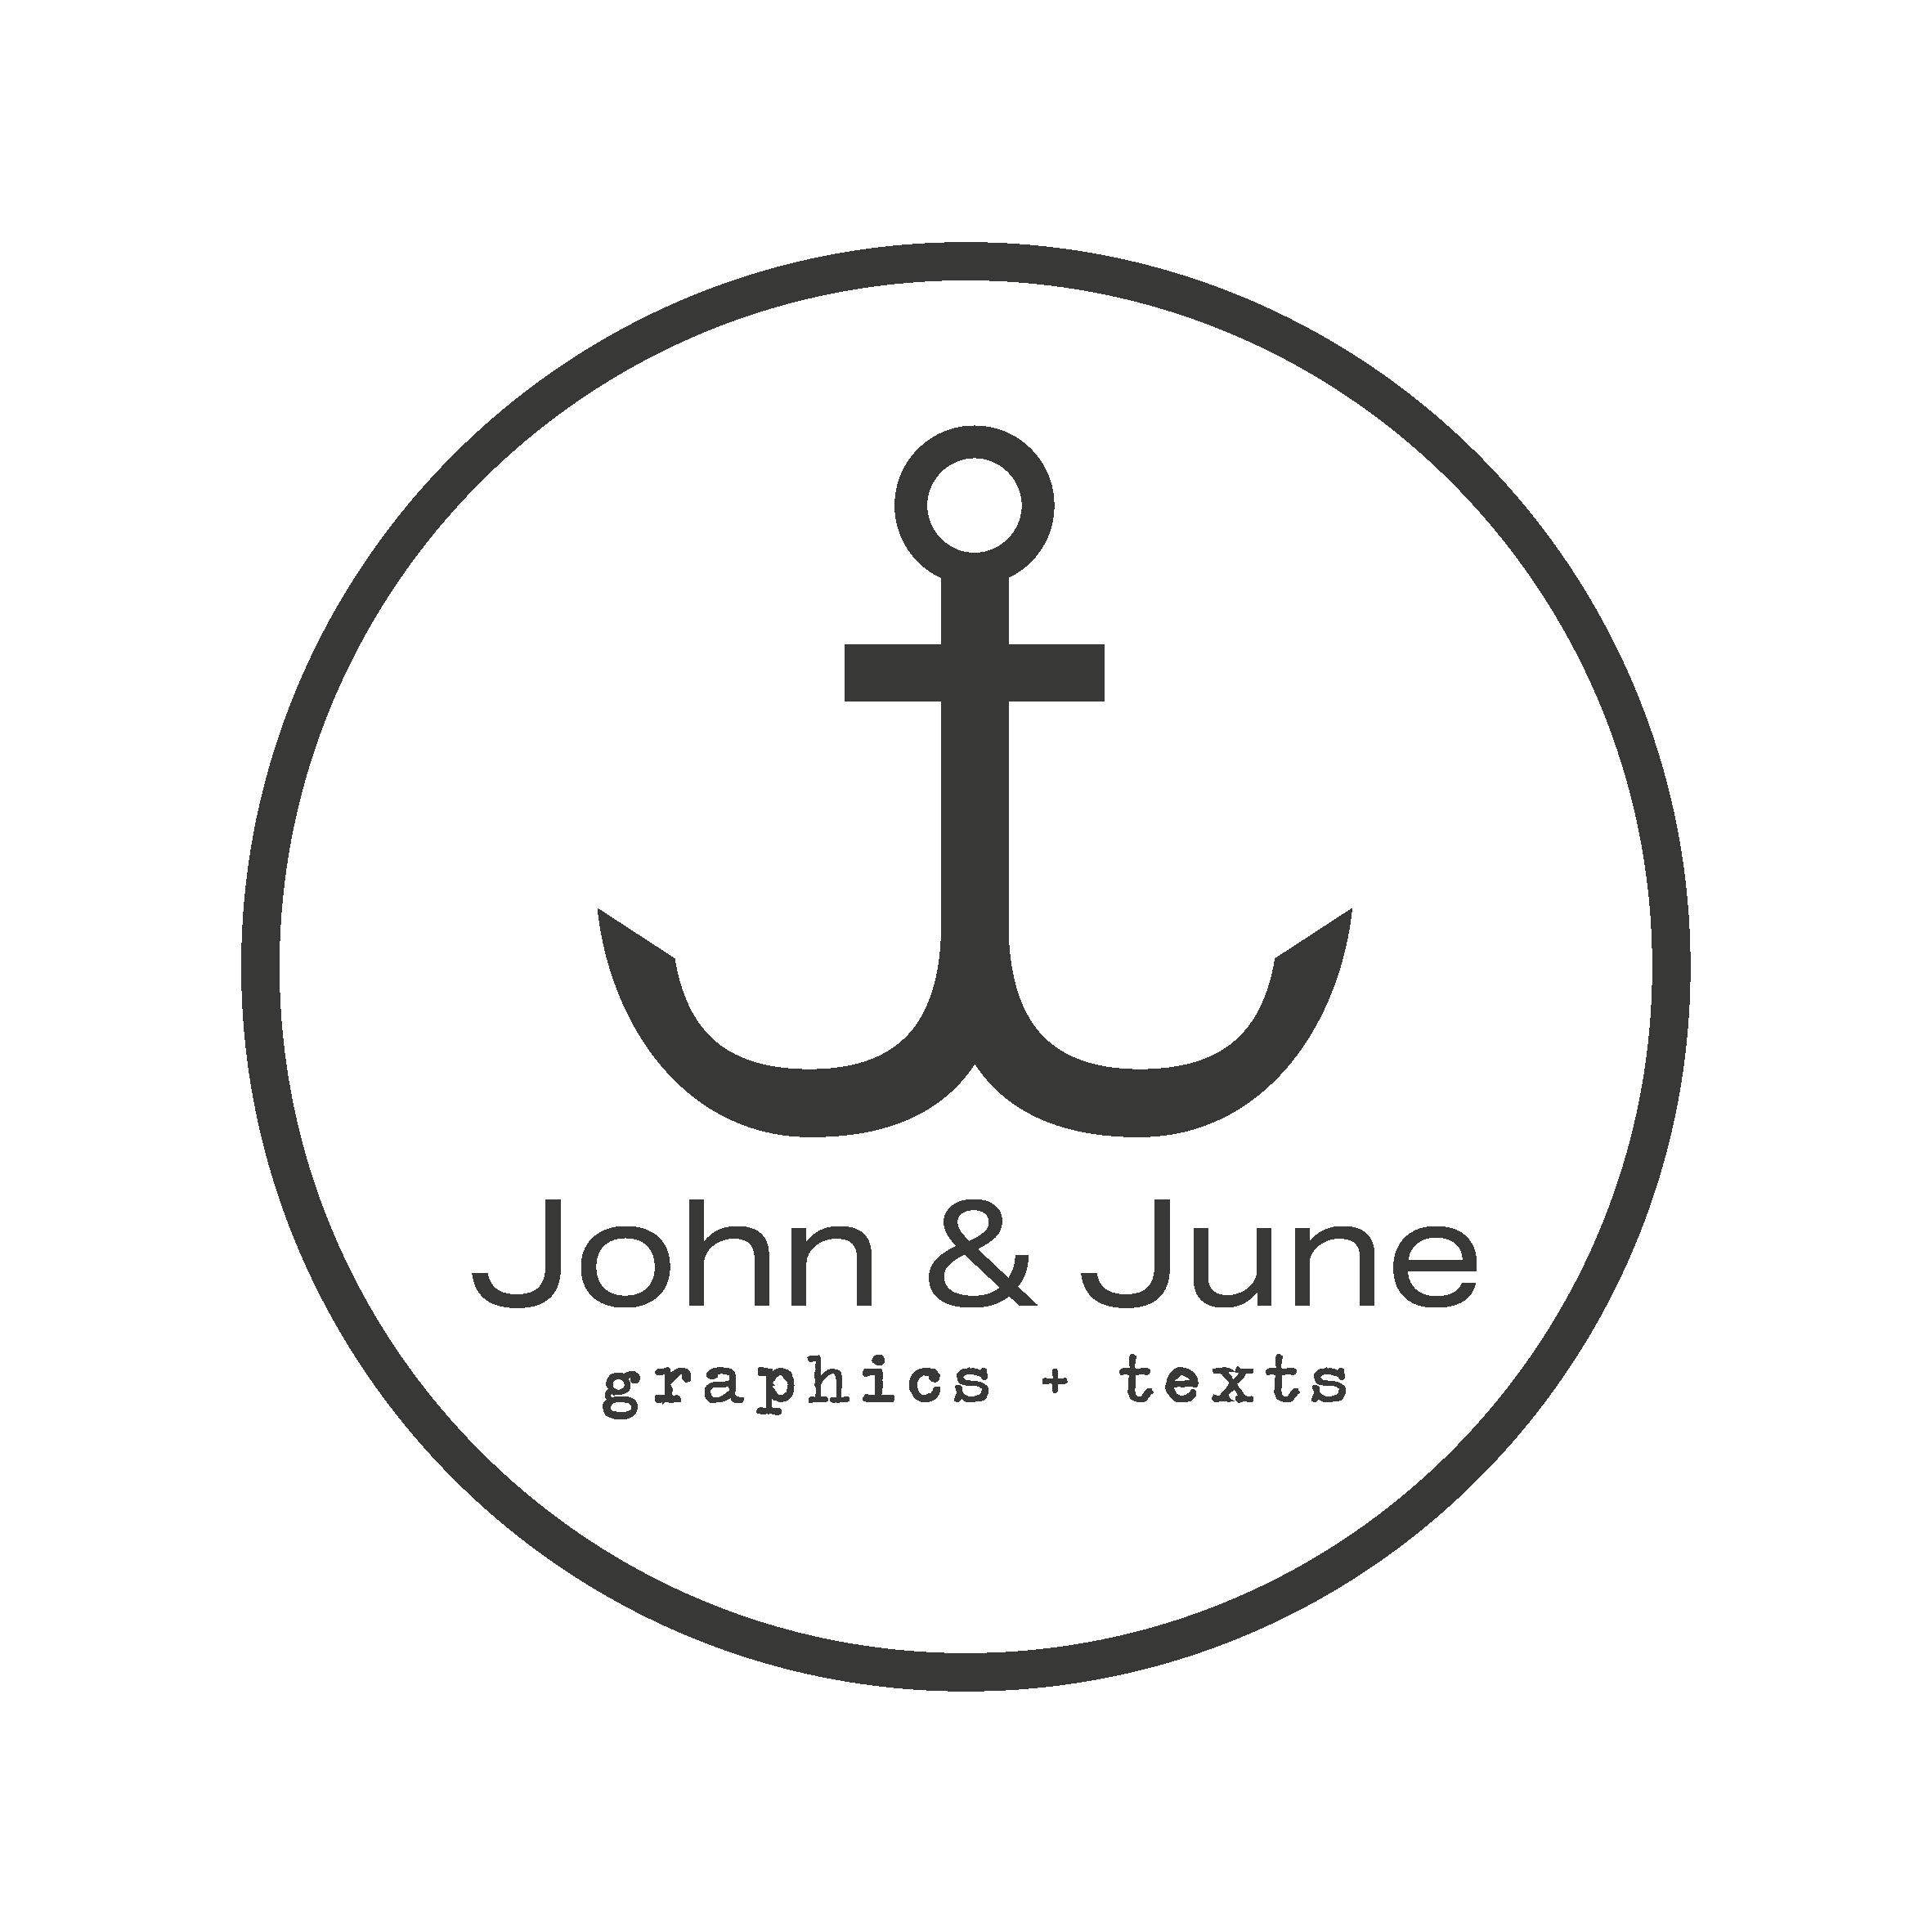 John & June